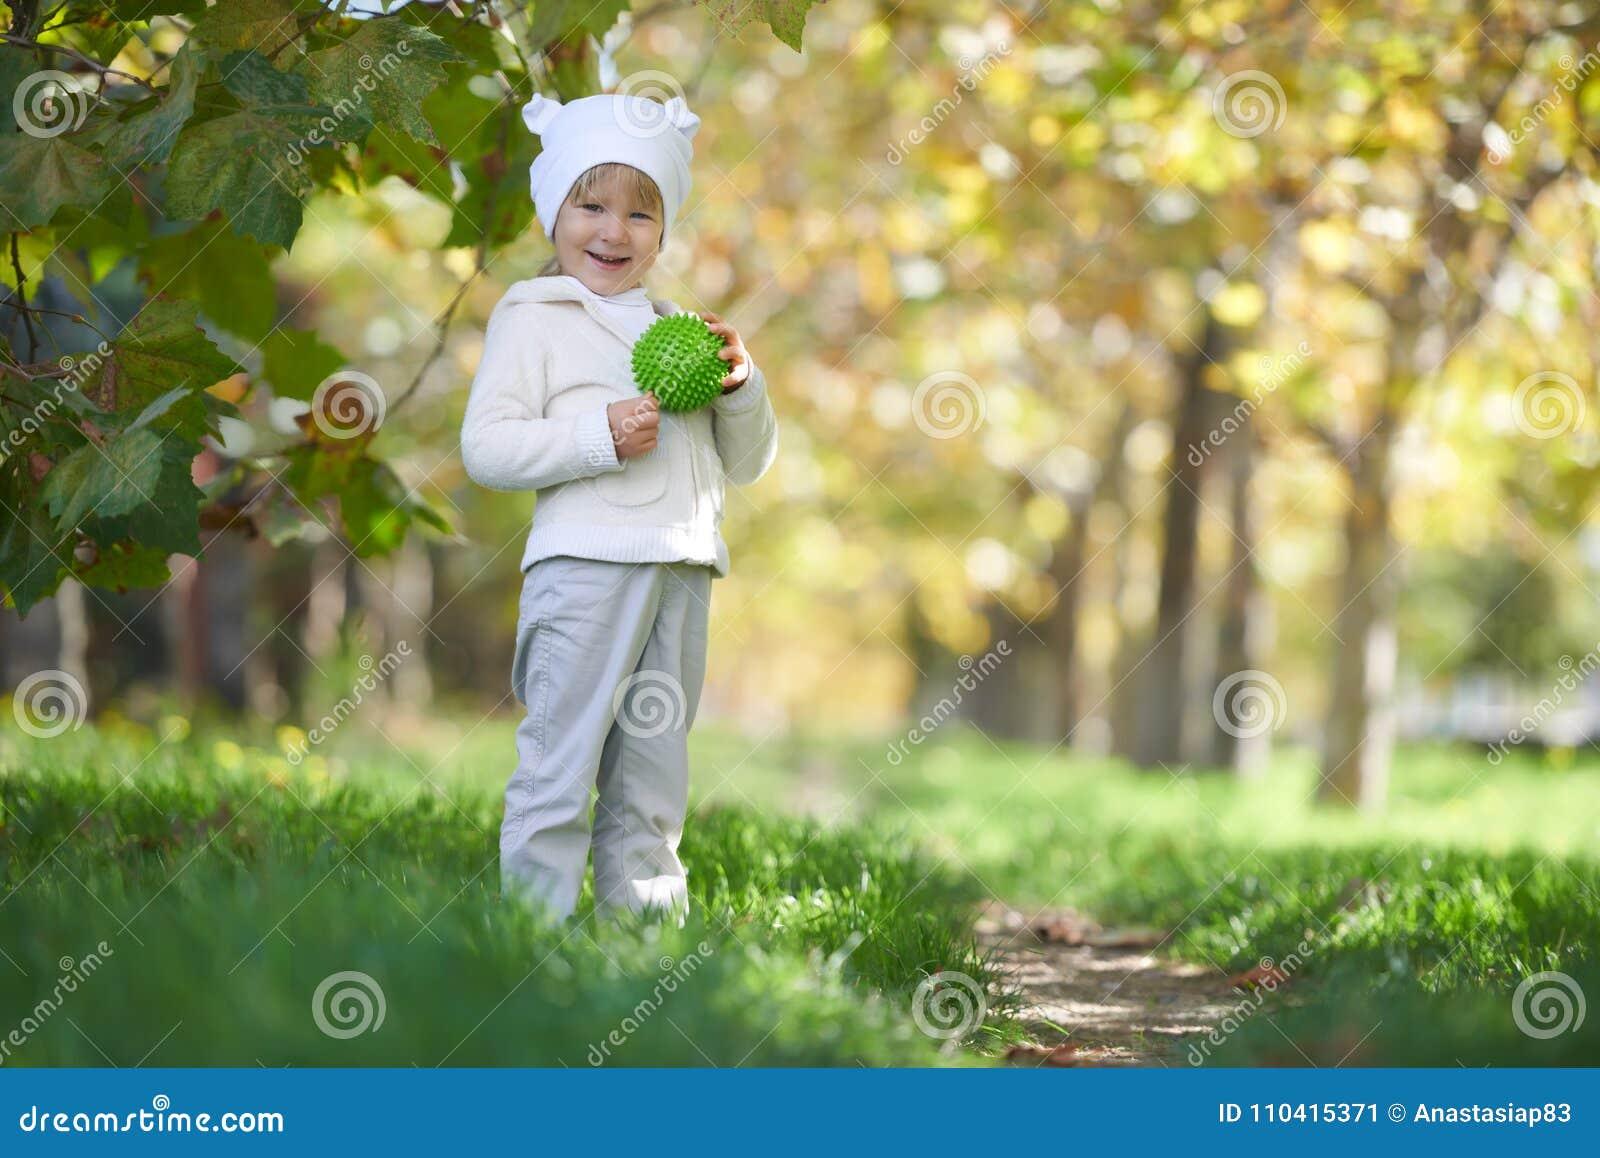 Retrato de la calle del niño que juega en el parque